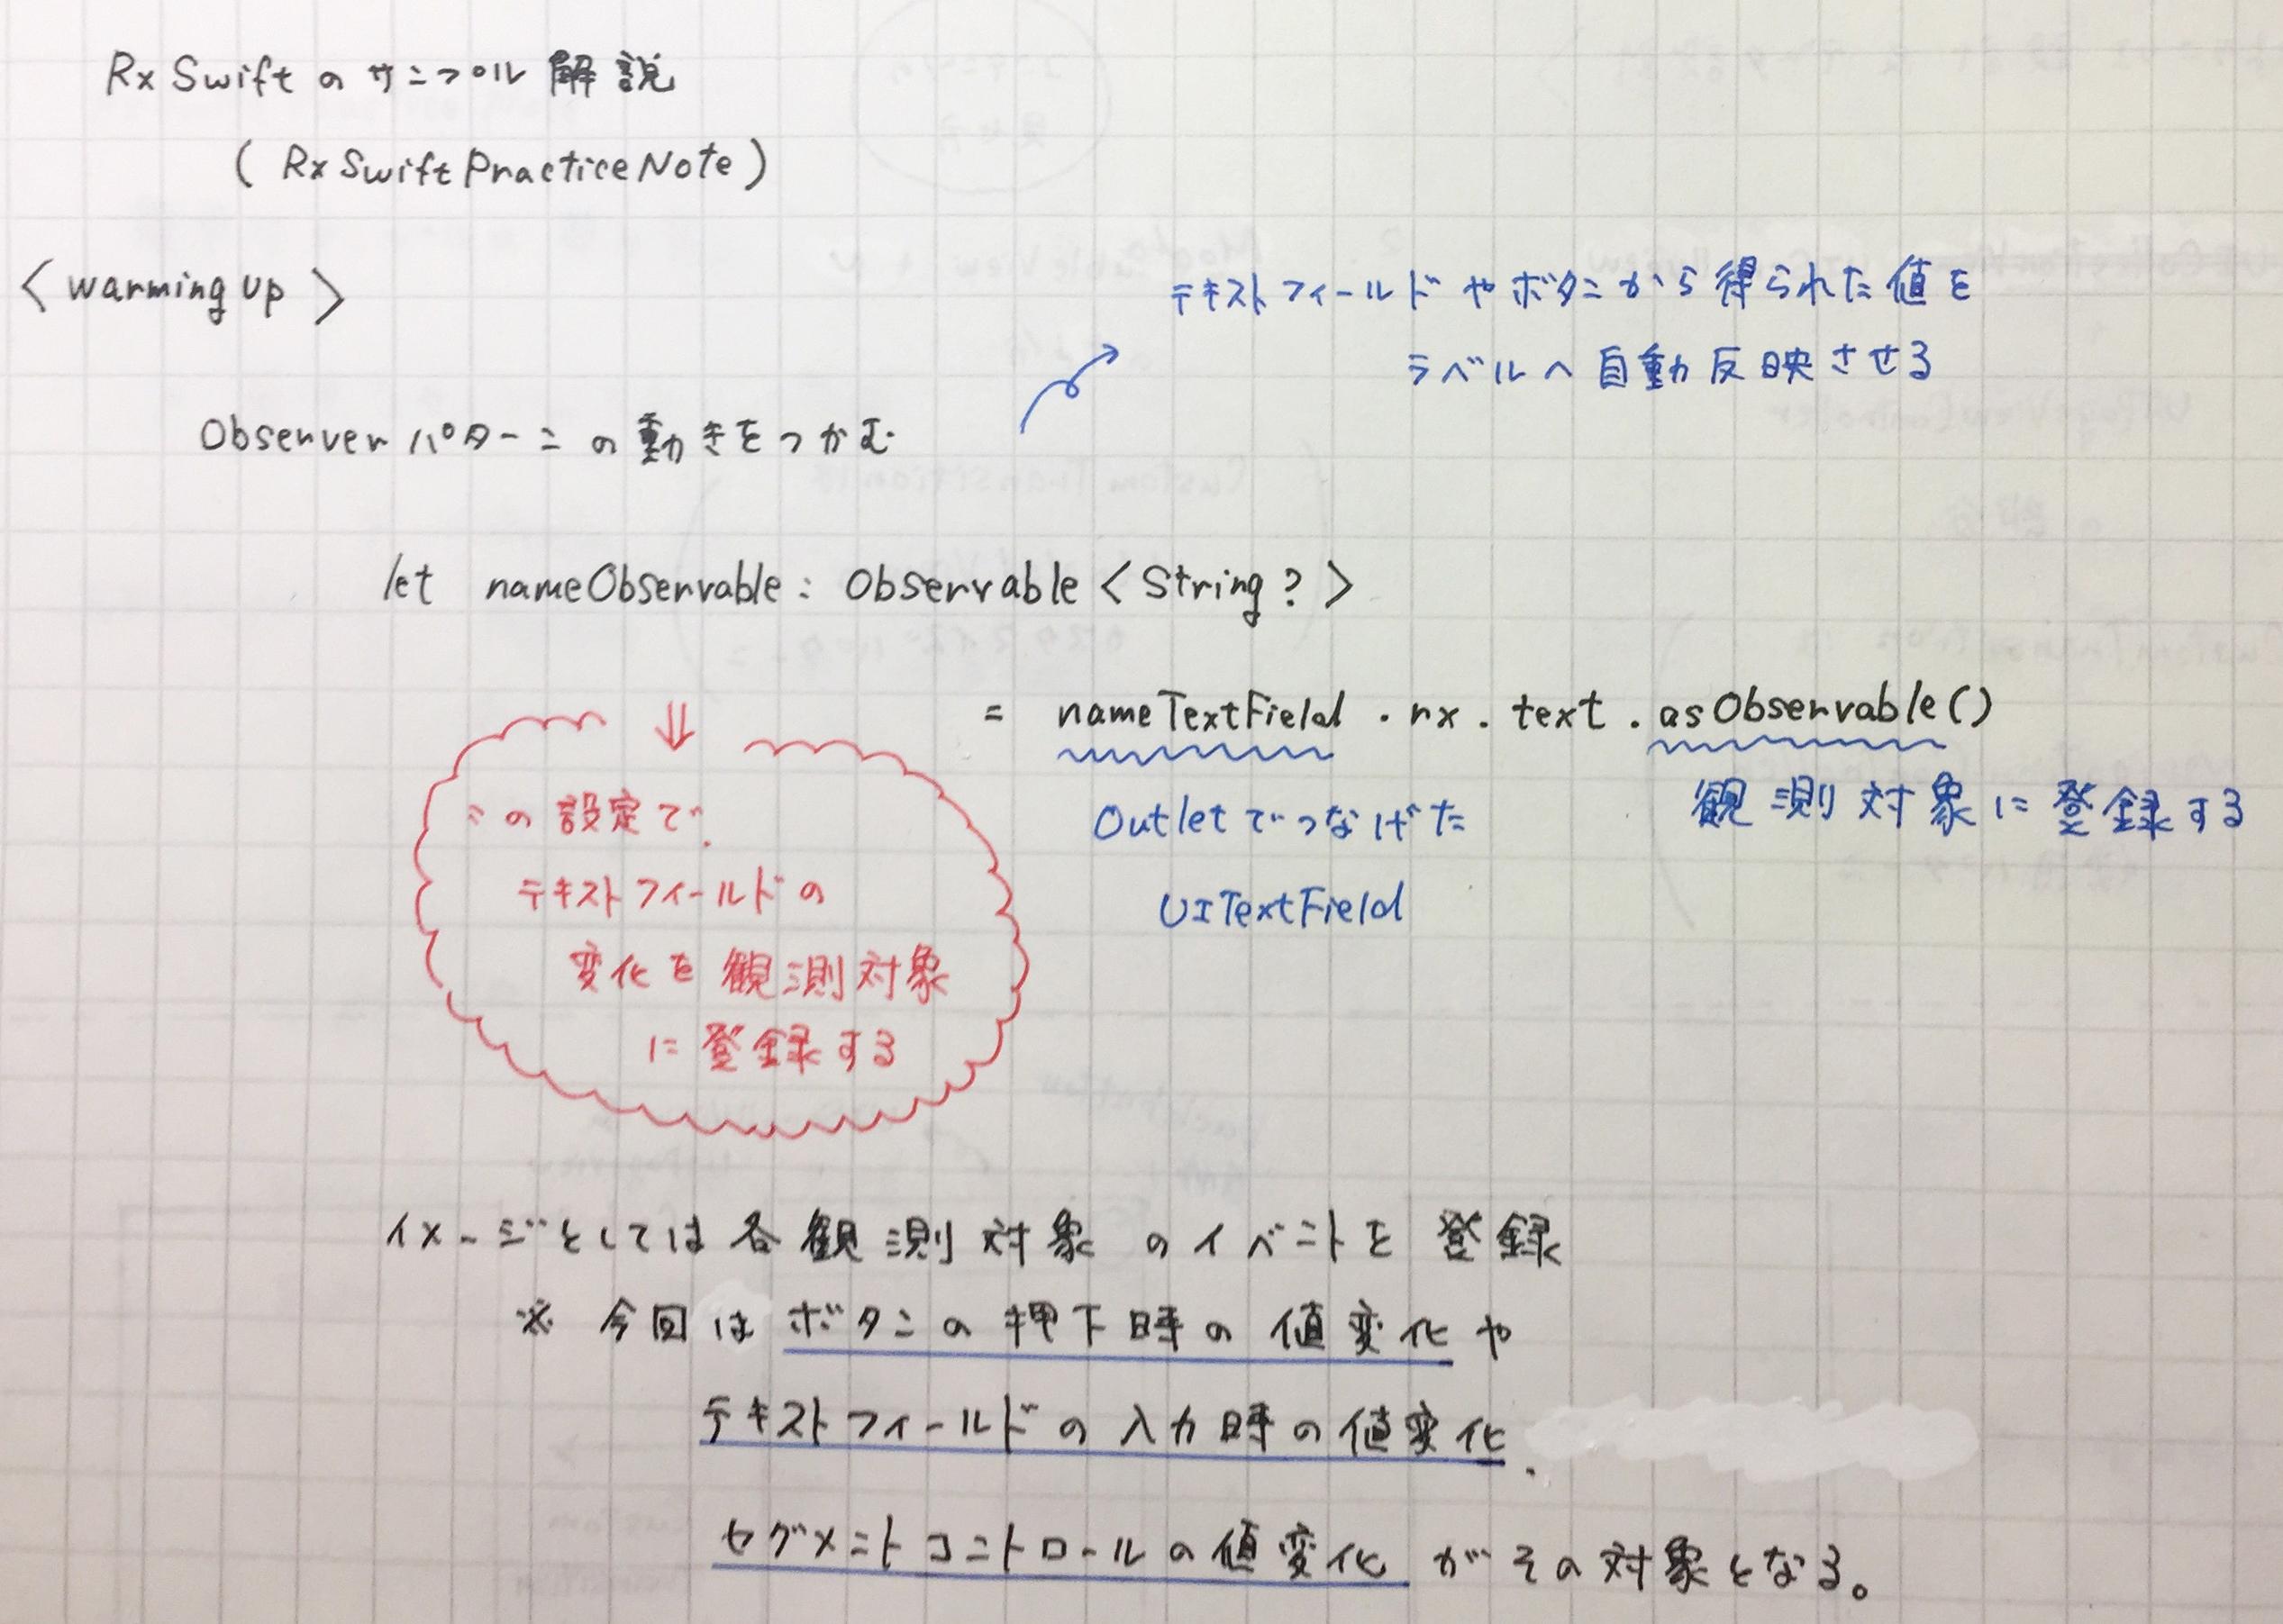 observable_image1.jpg